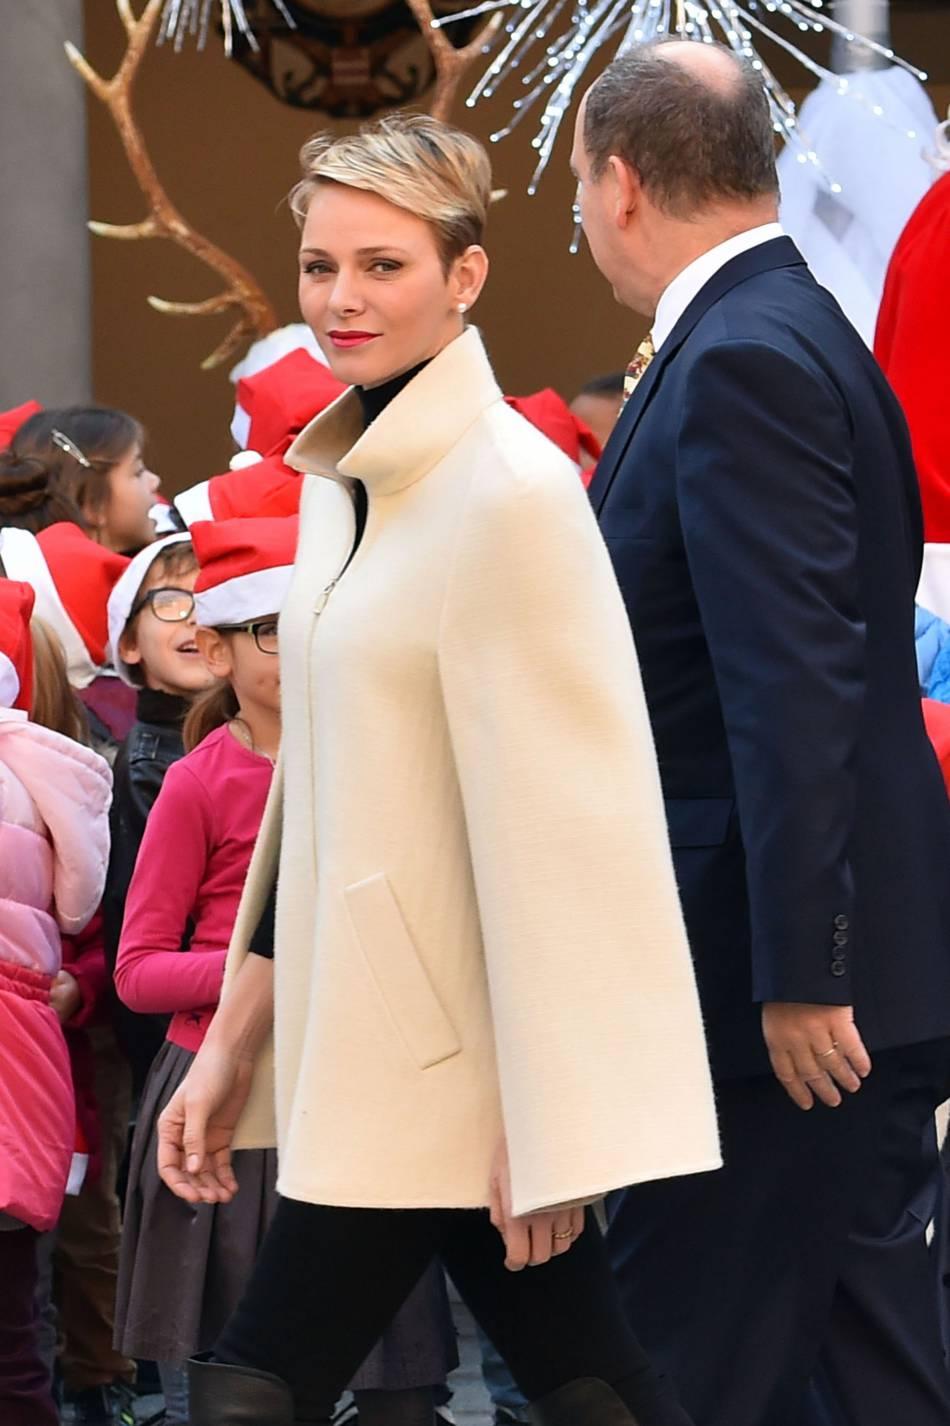 Charlènede Monaco et Albert II de Monaco ont célébréla cérémonie de l'arbre de Noël au palais princier, ce mercredi 16 décembre 2015.